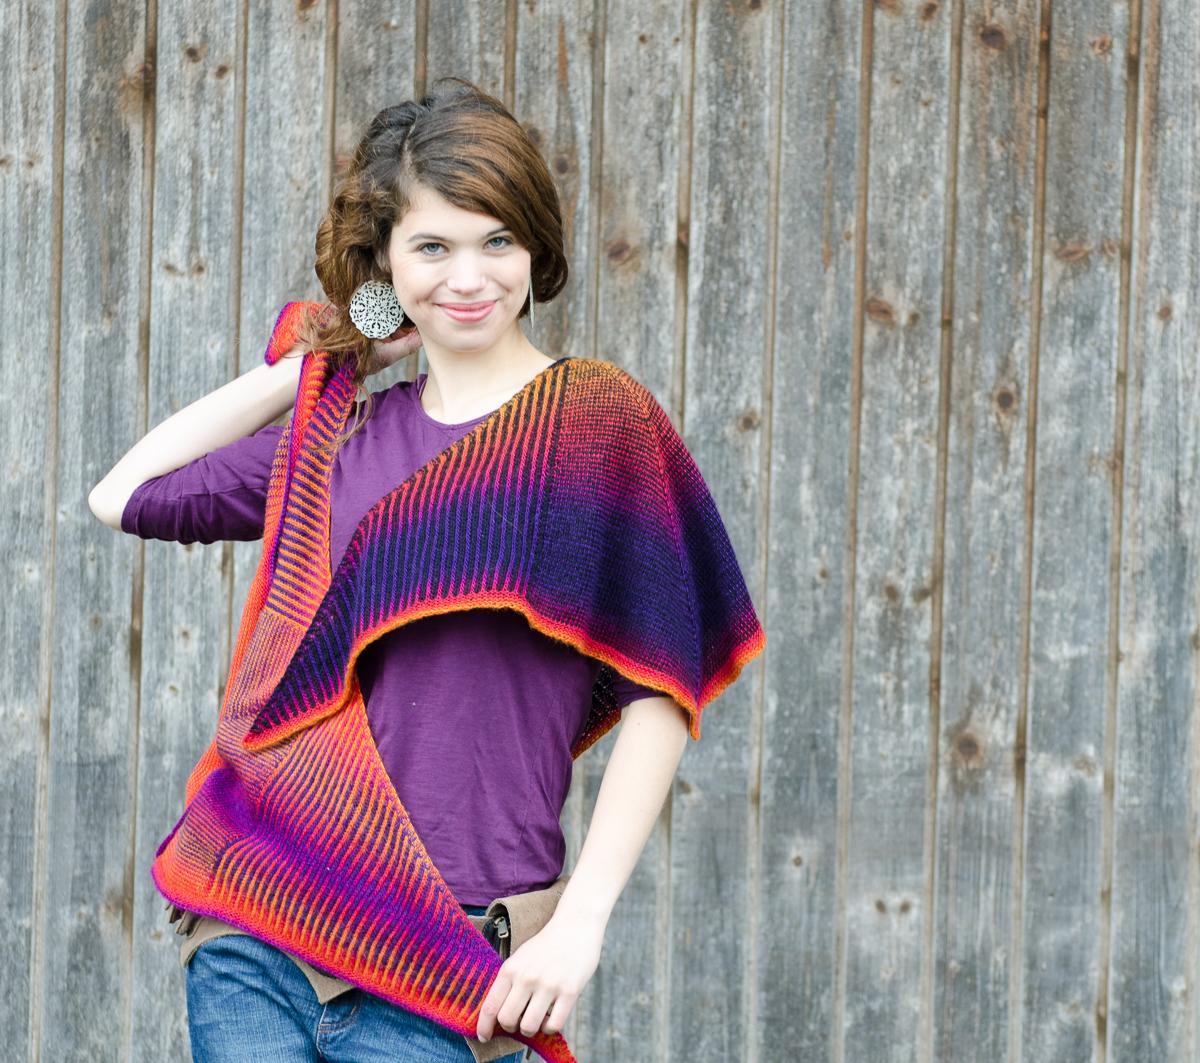 Autumn knitting patterns - Tourlaville Shawl